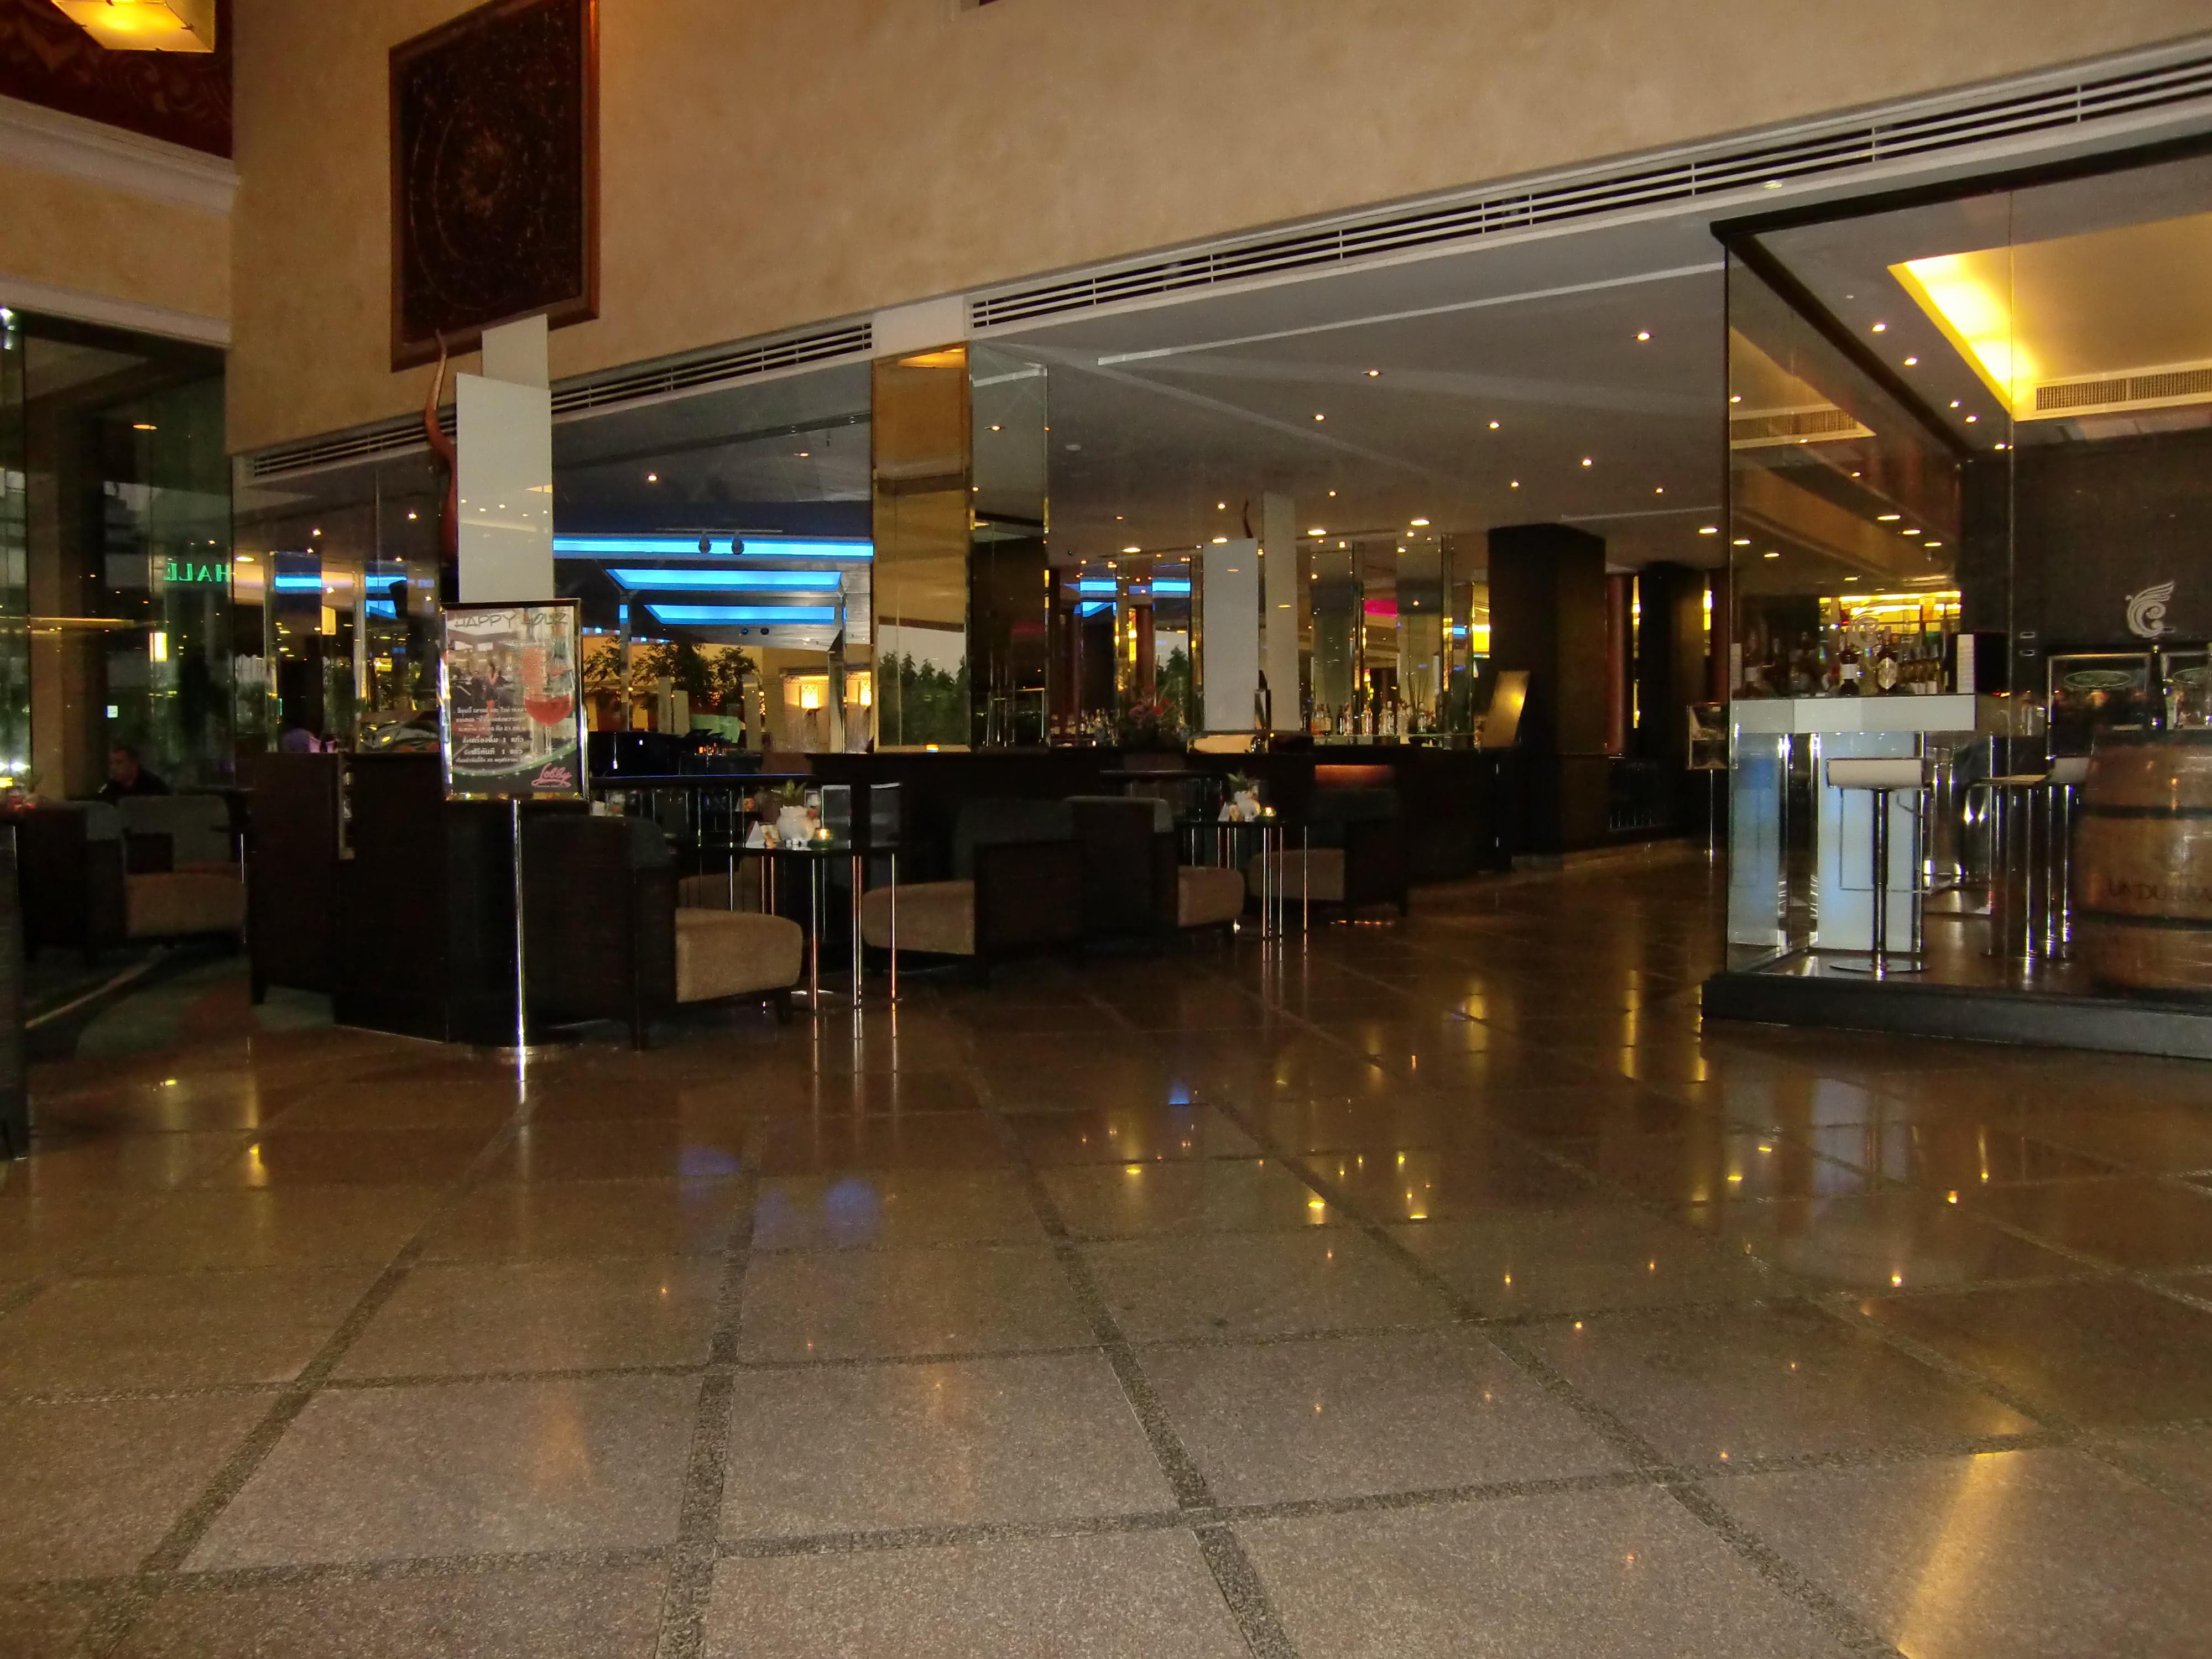 CIMG0054 hotel bar